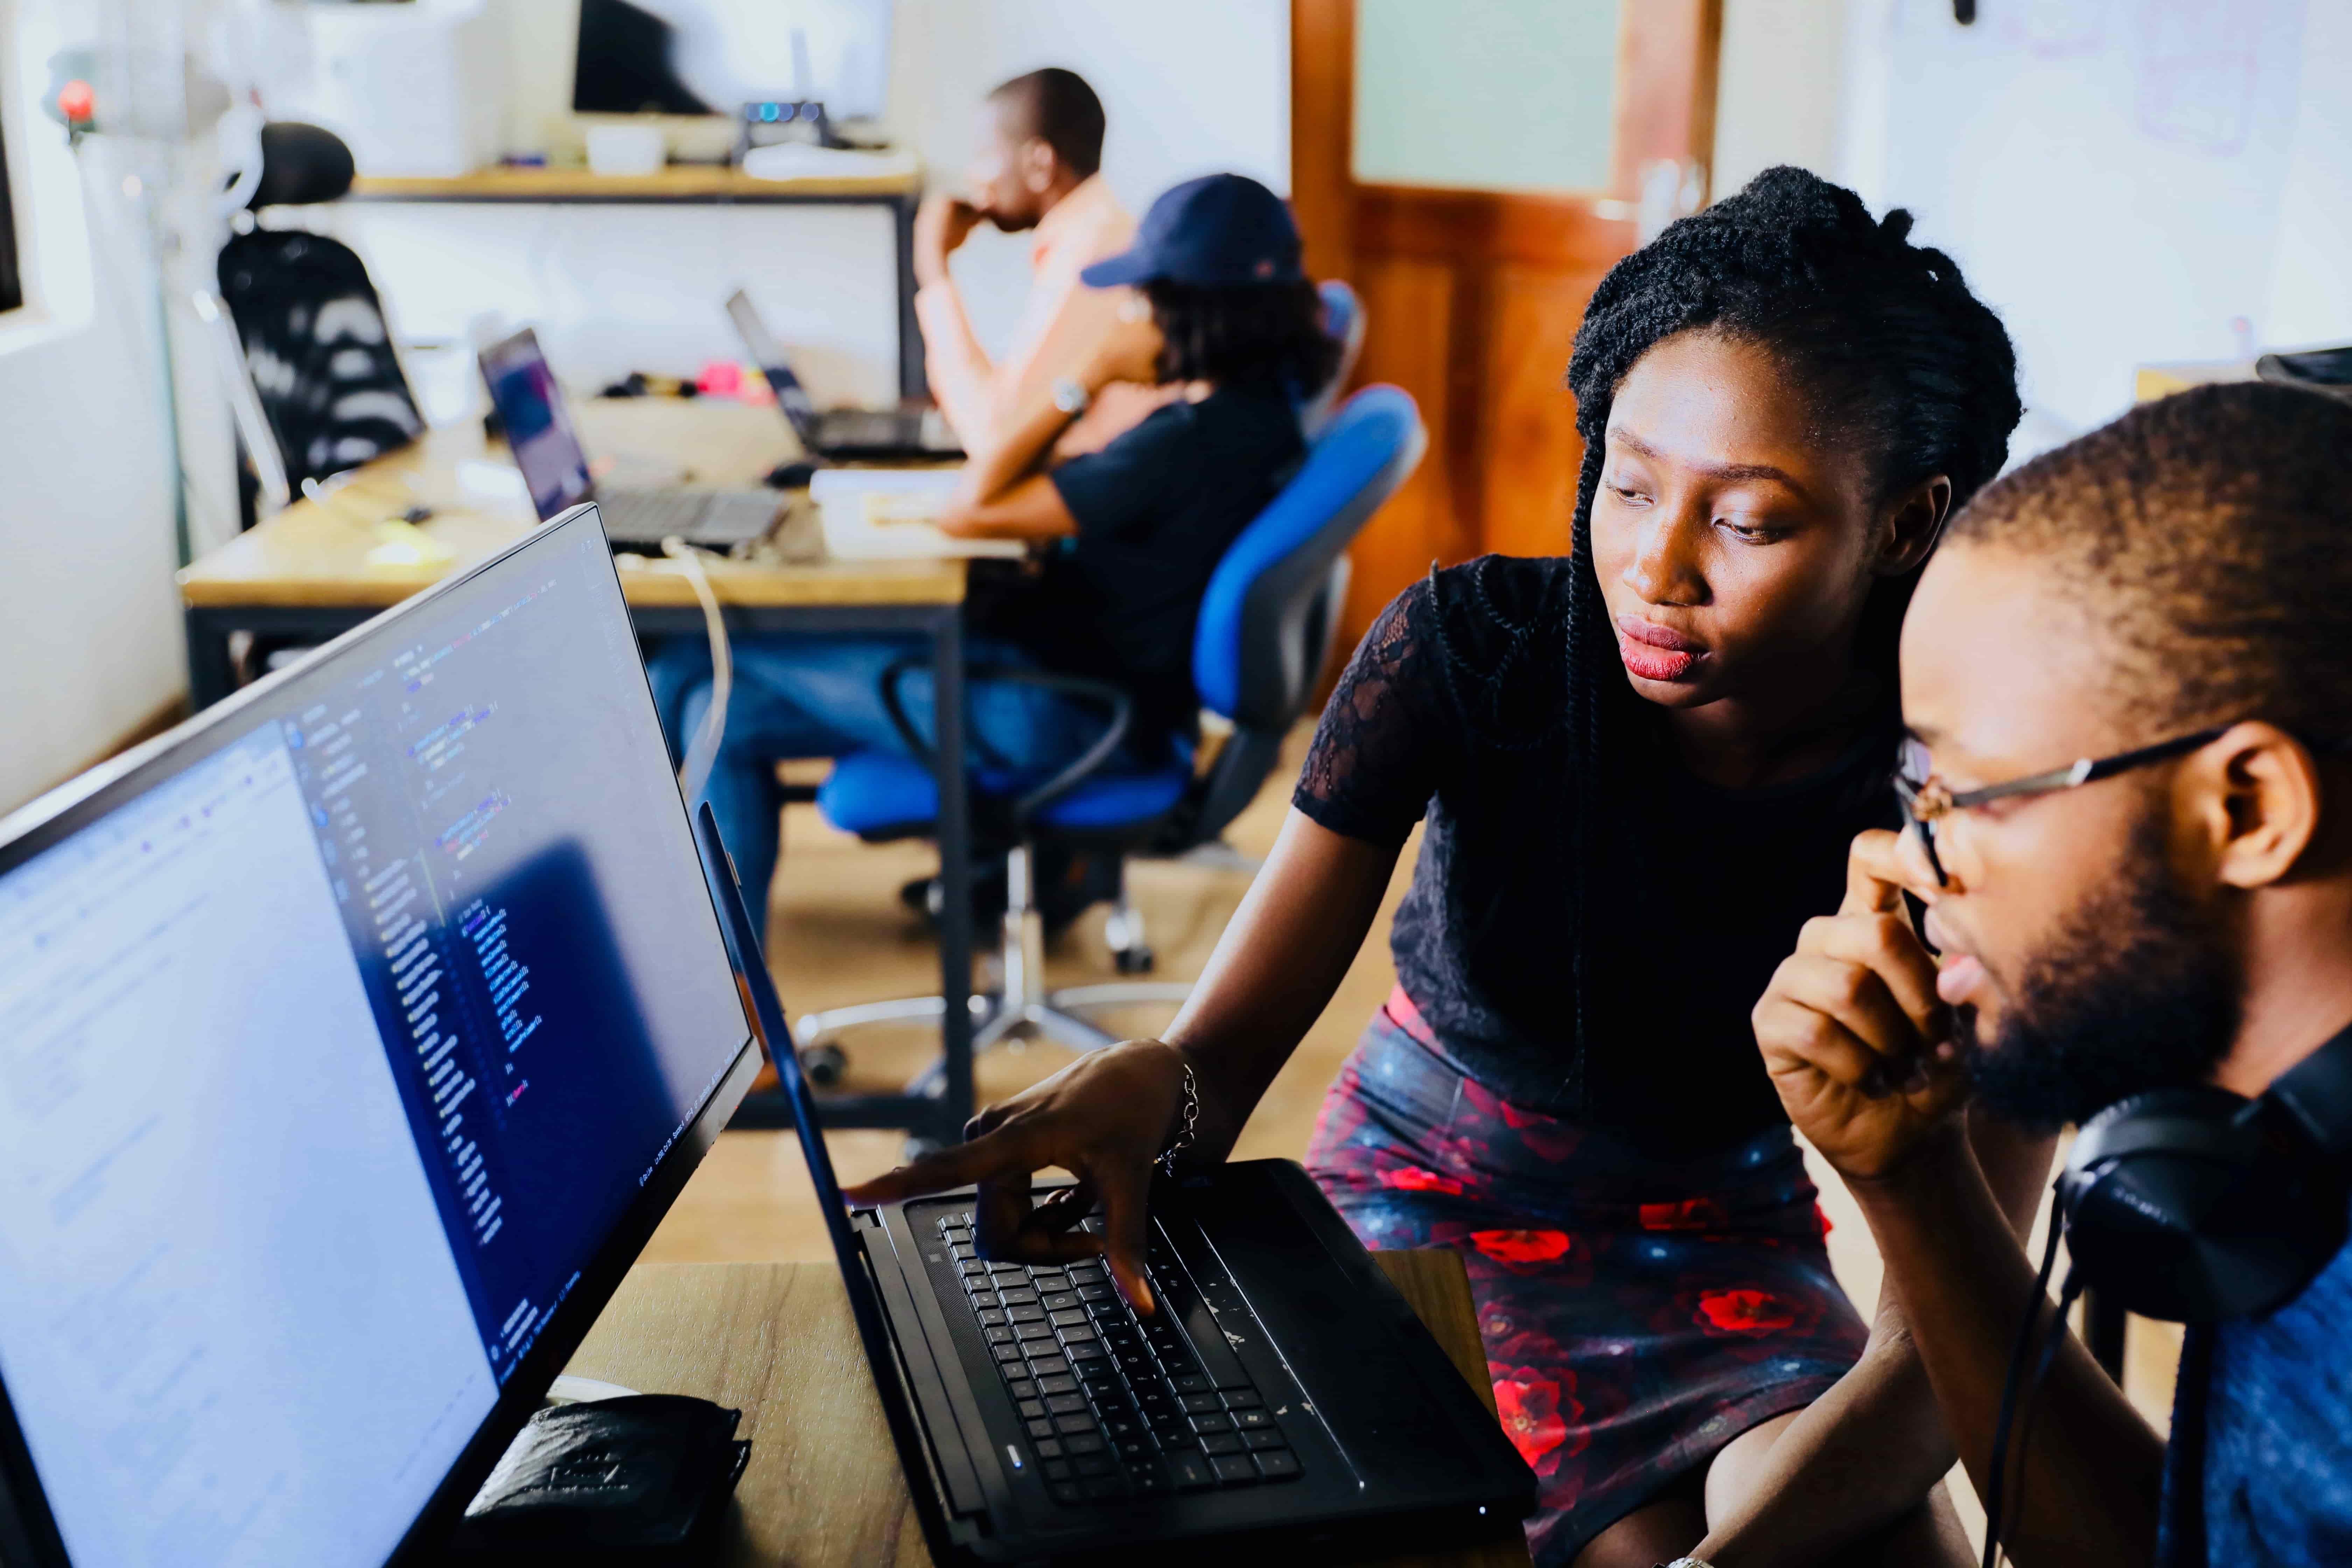 Confier sa stratégie digitale à un stagiaire, bonne ou mauvaise idée ?